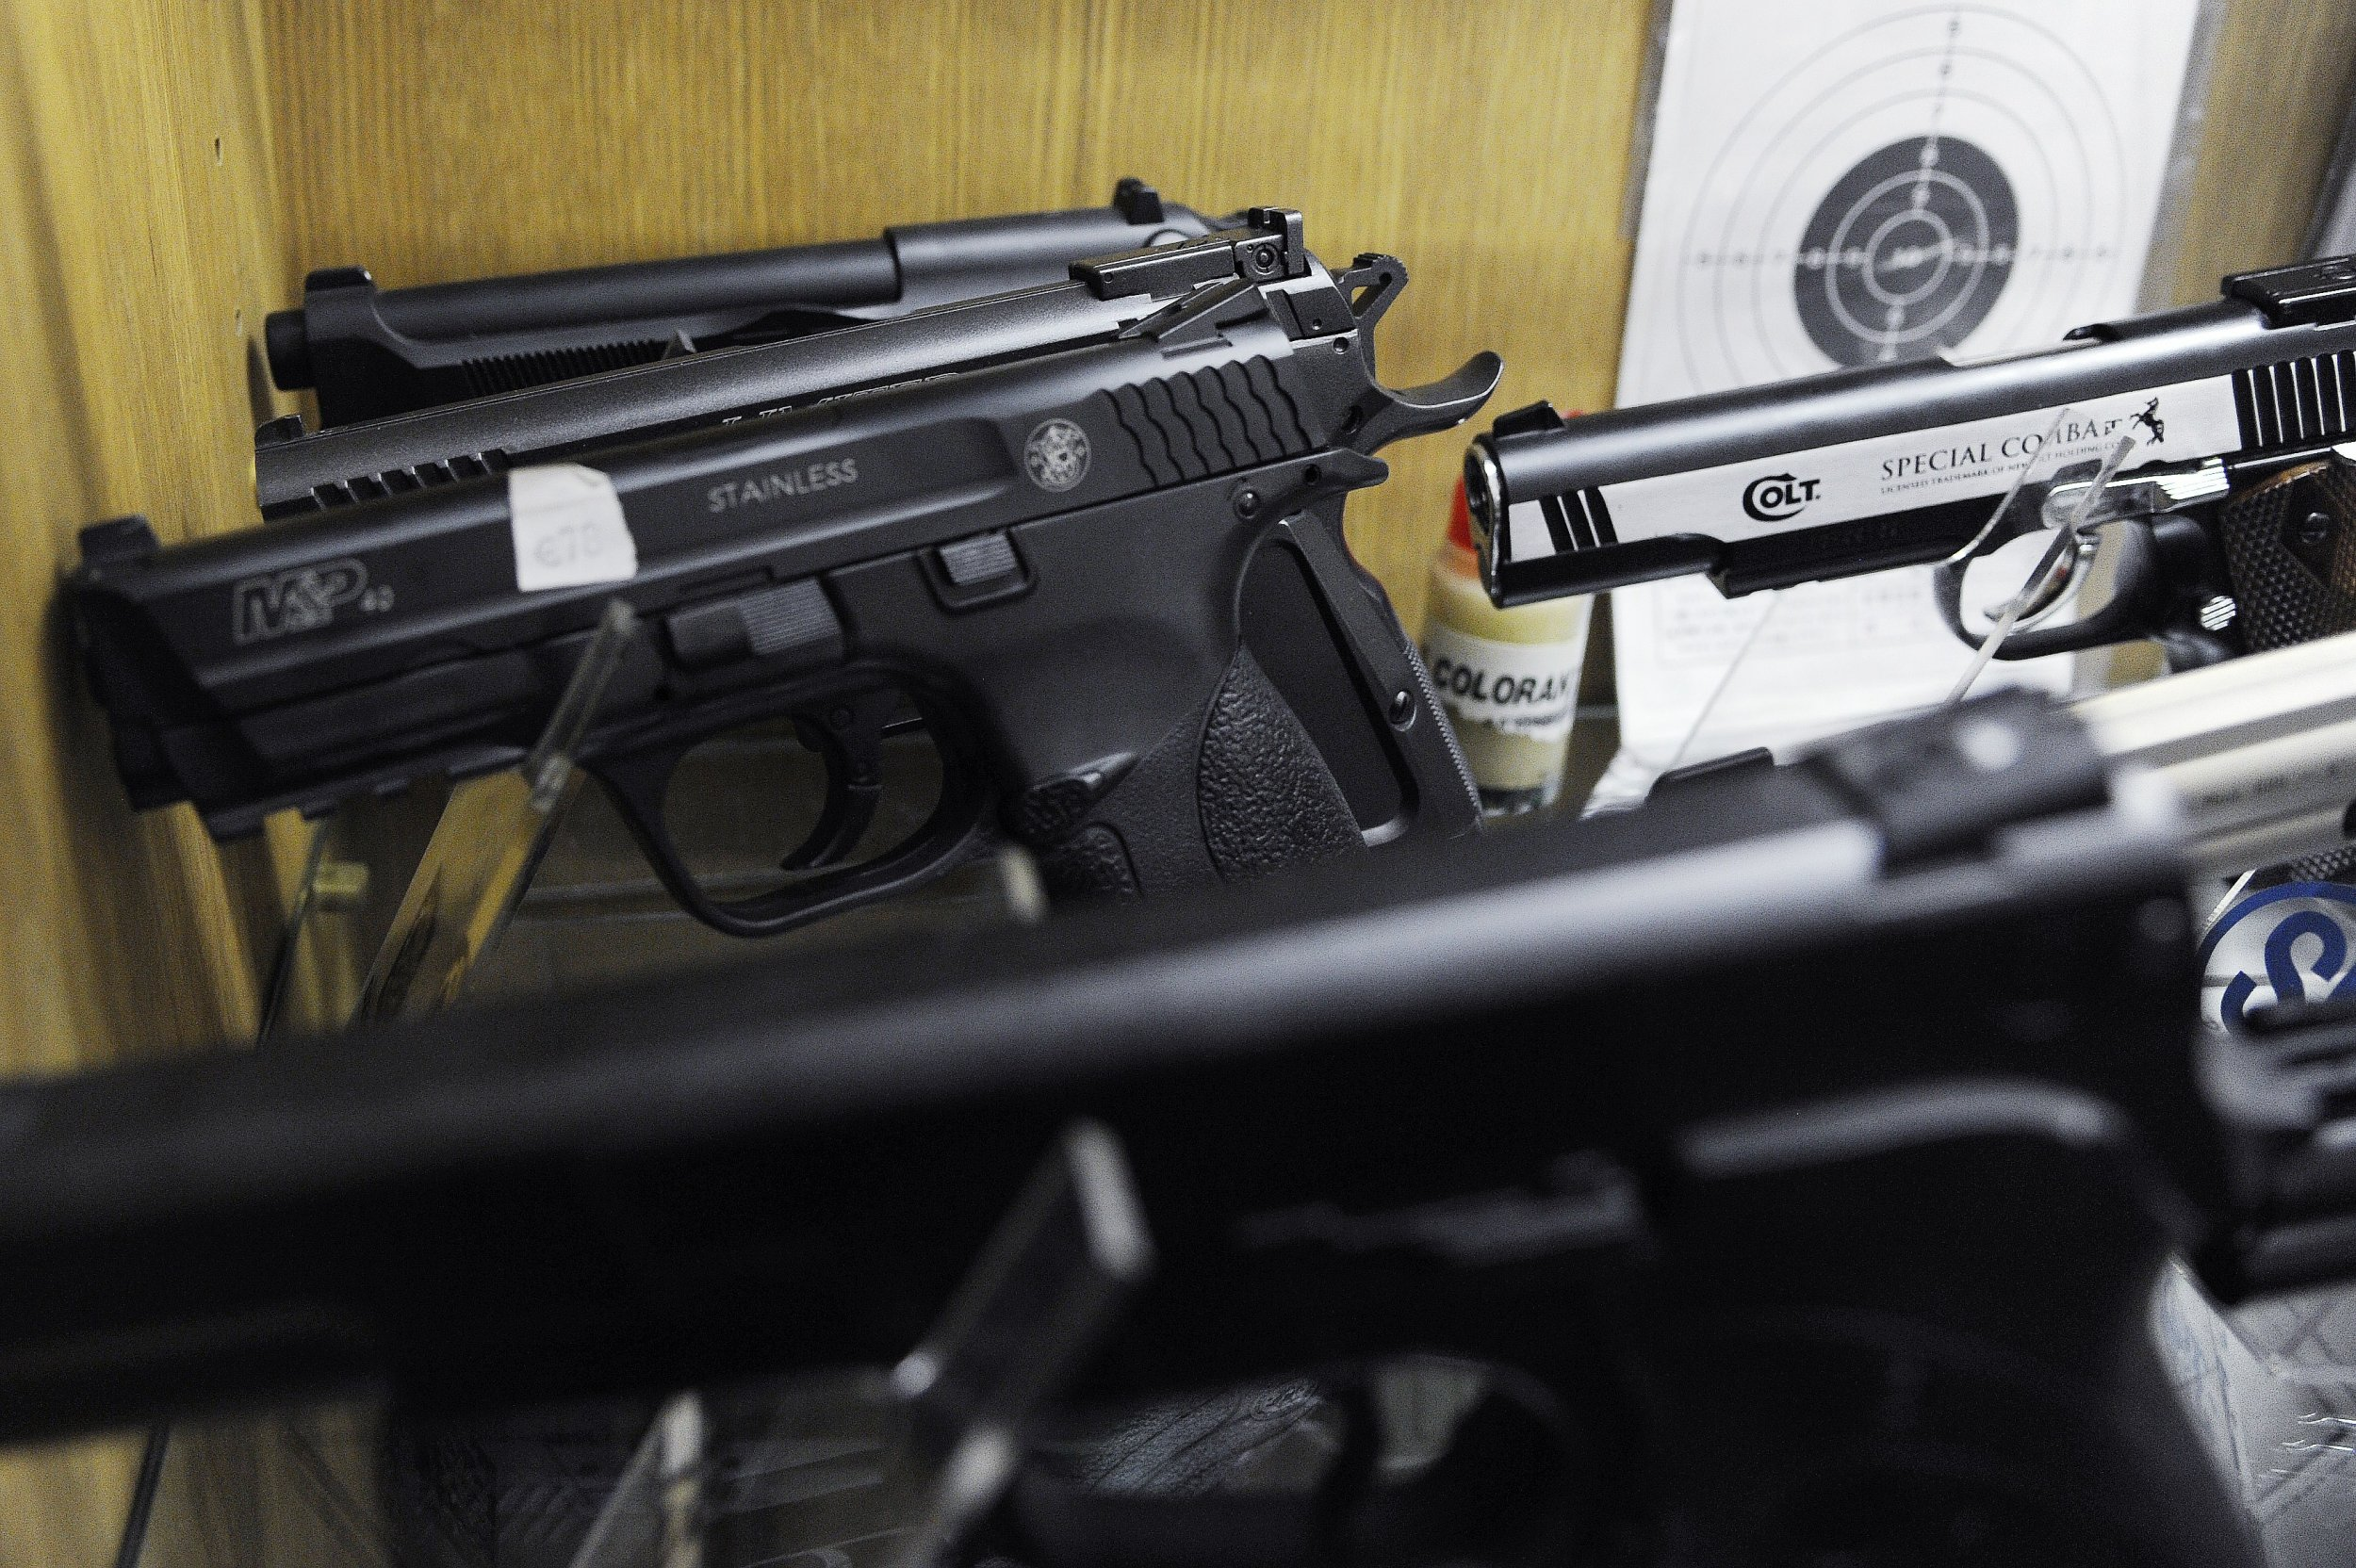 Man shot by police brandishing airsoft gun